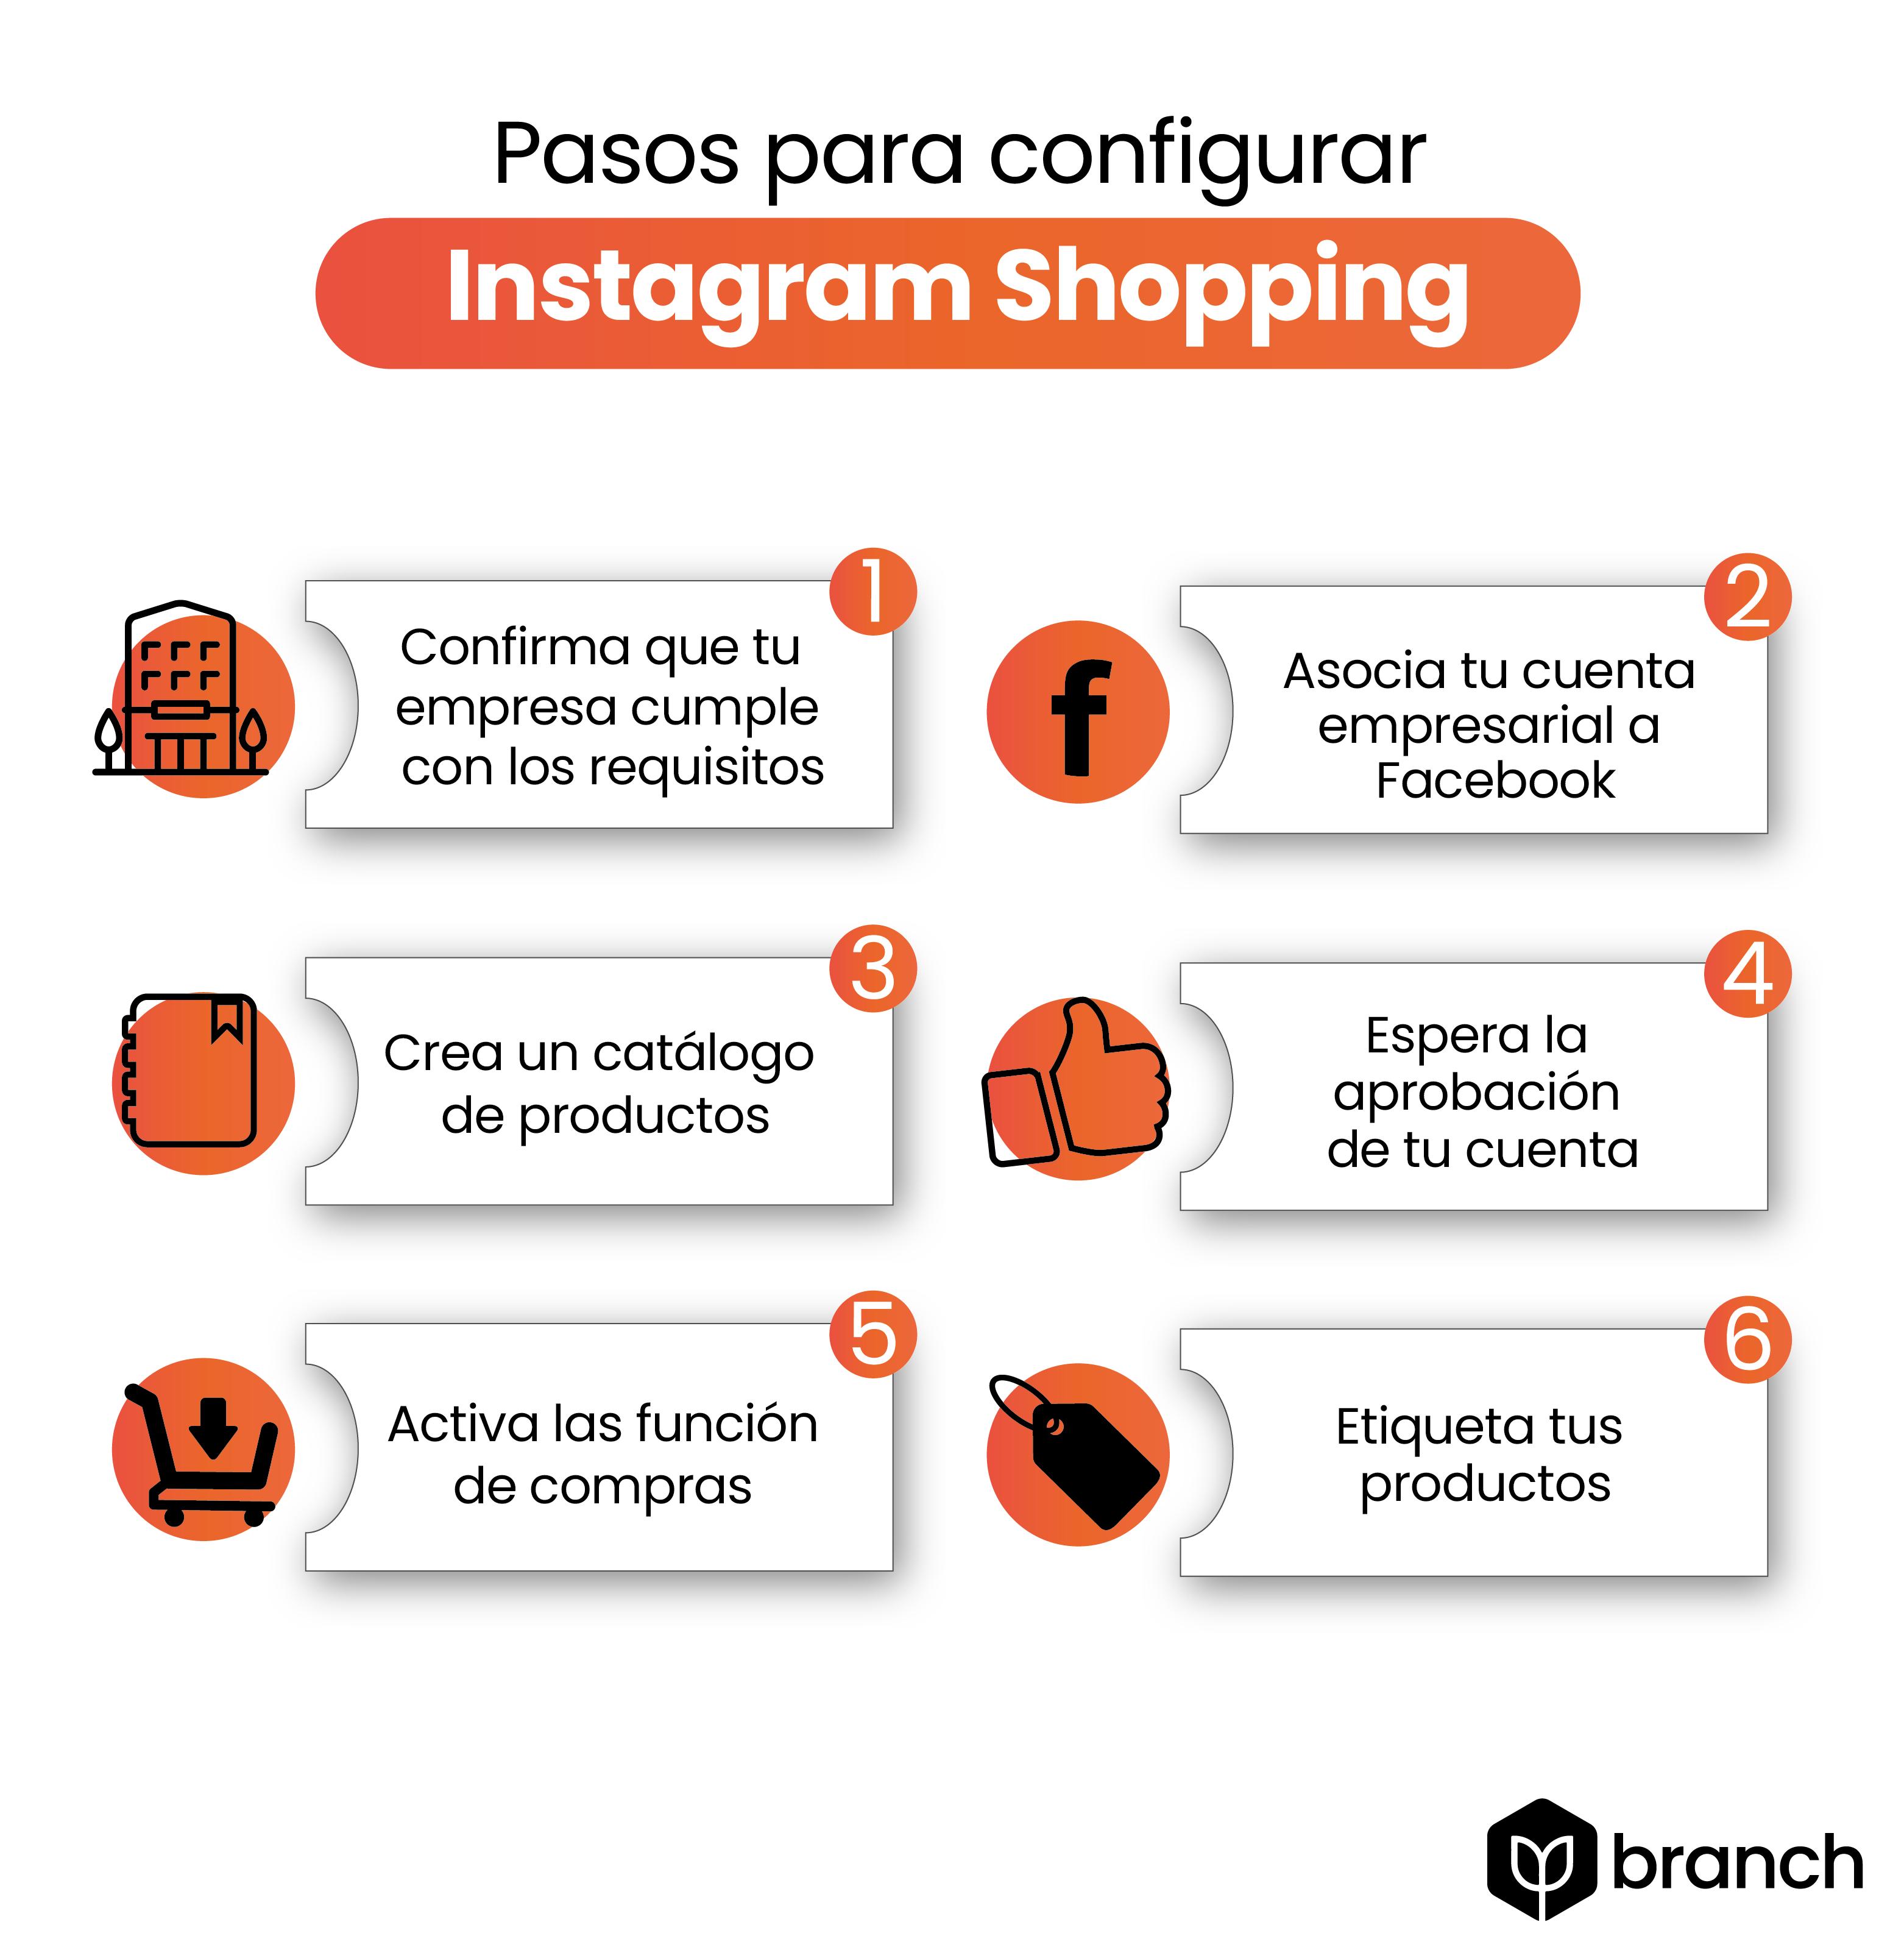 pasos-para-configurar-instagram-shopping